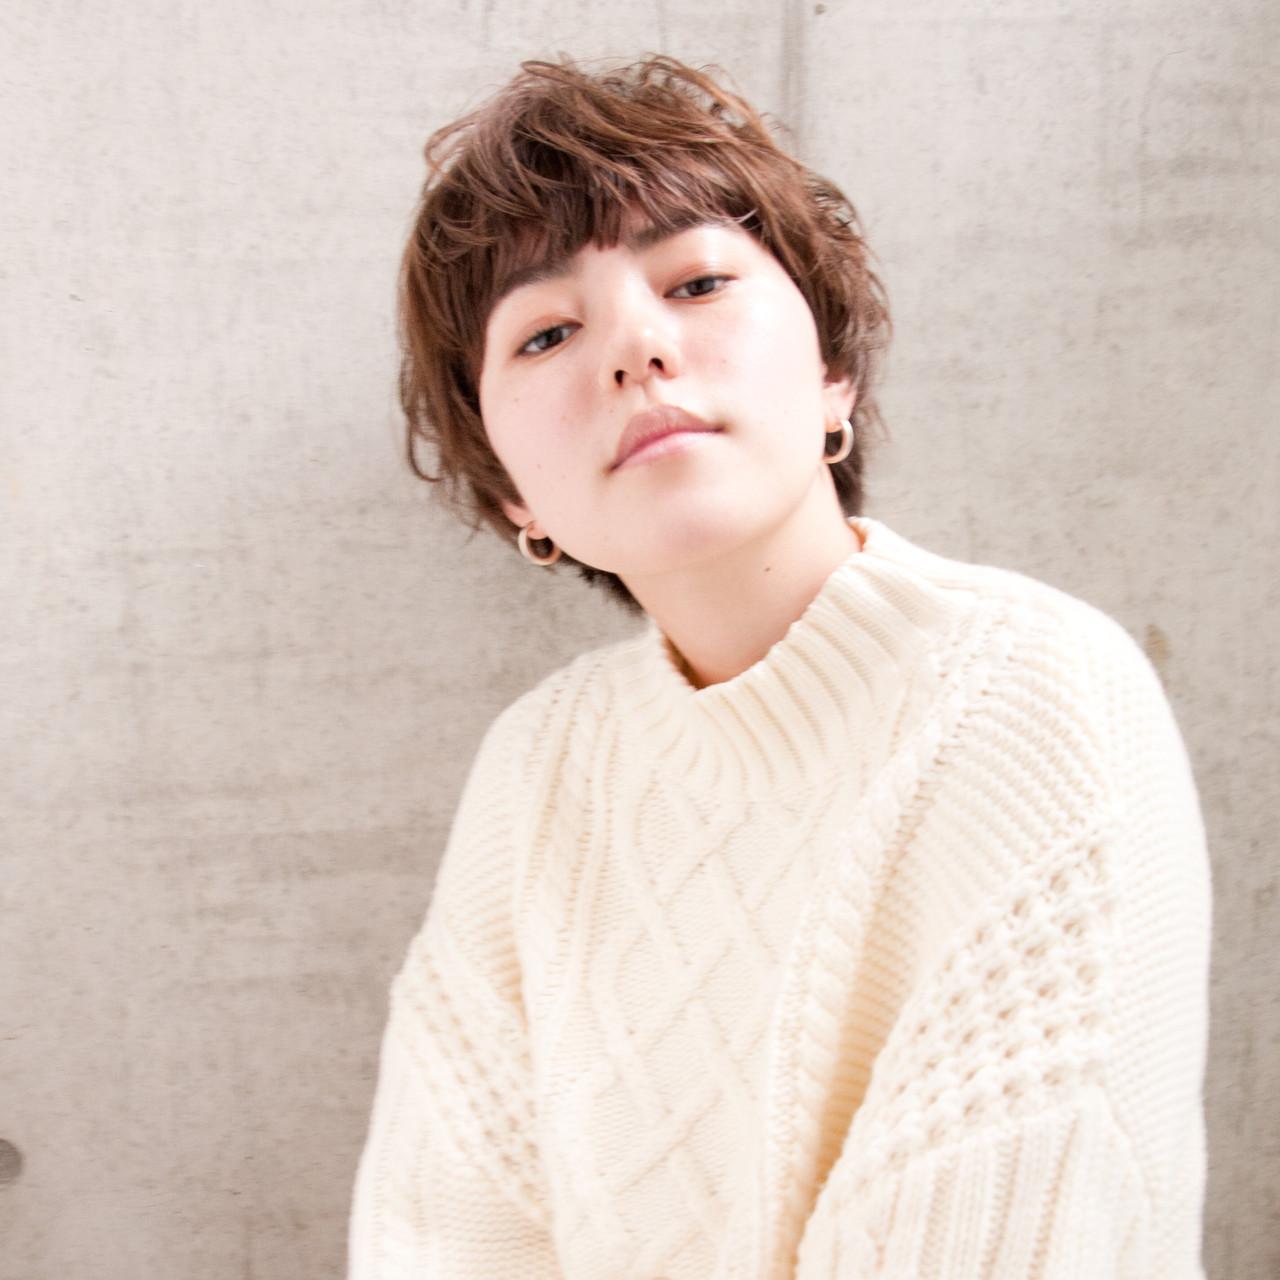 小顔 ショート 外国人風 ショートボブ ヘアスタイルや髪型の写真・画像 | 中尾 寿揮 / Anna Lanna